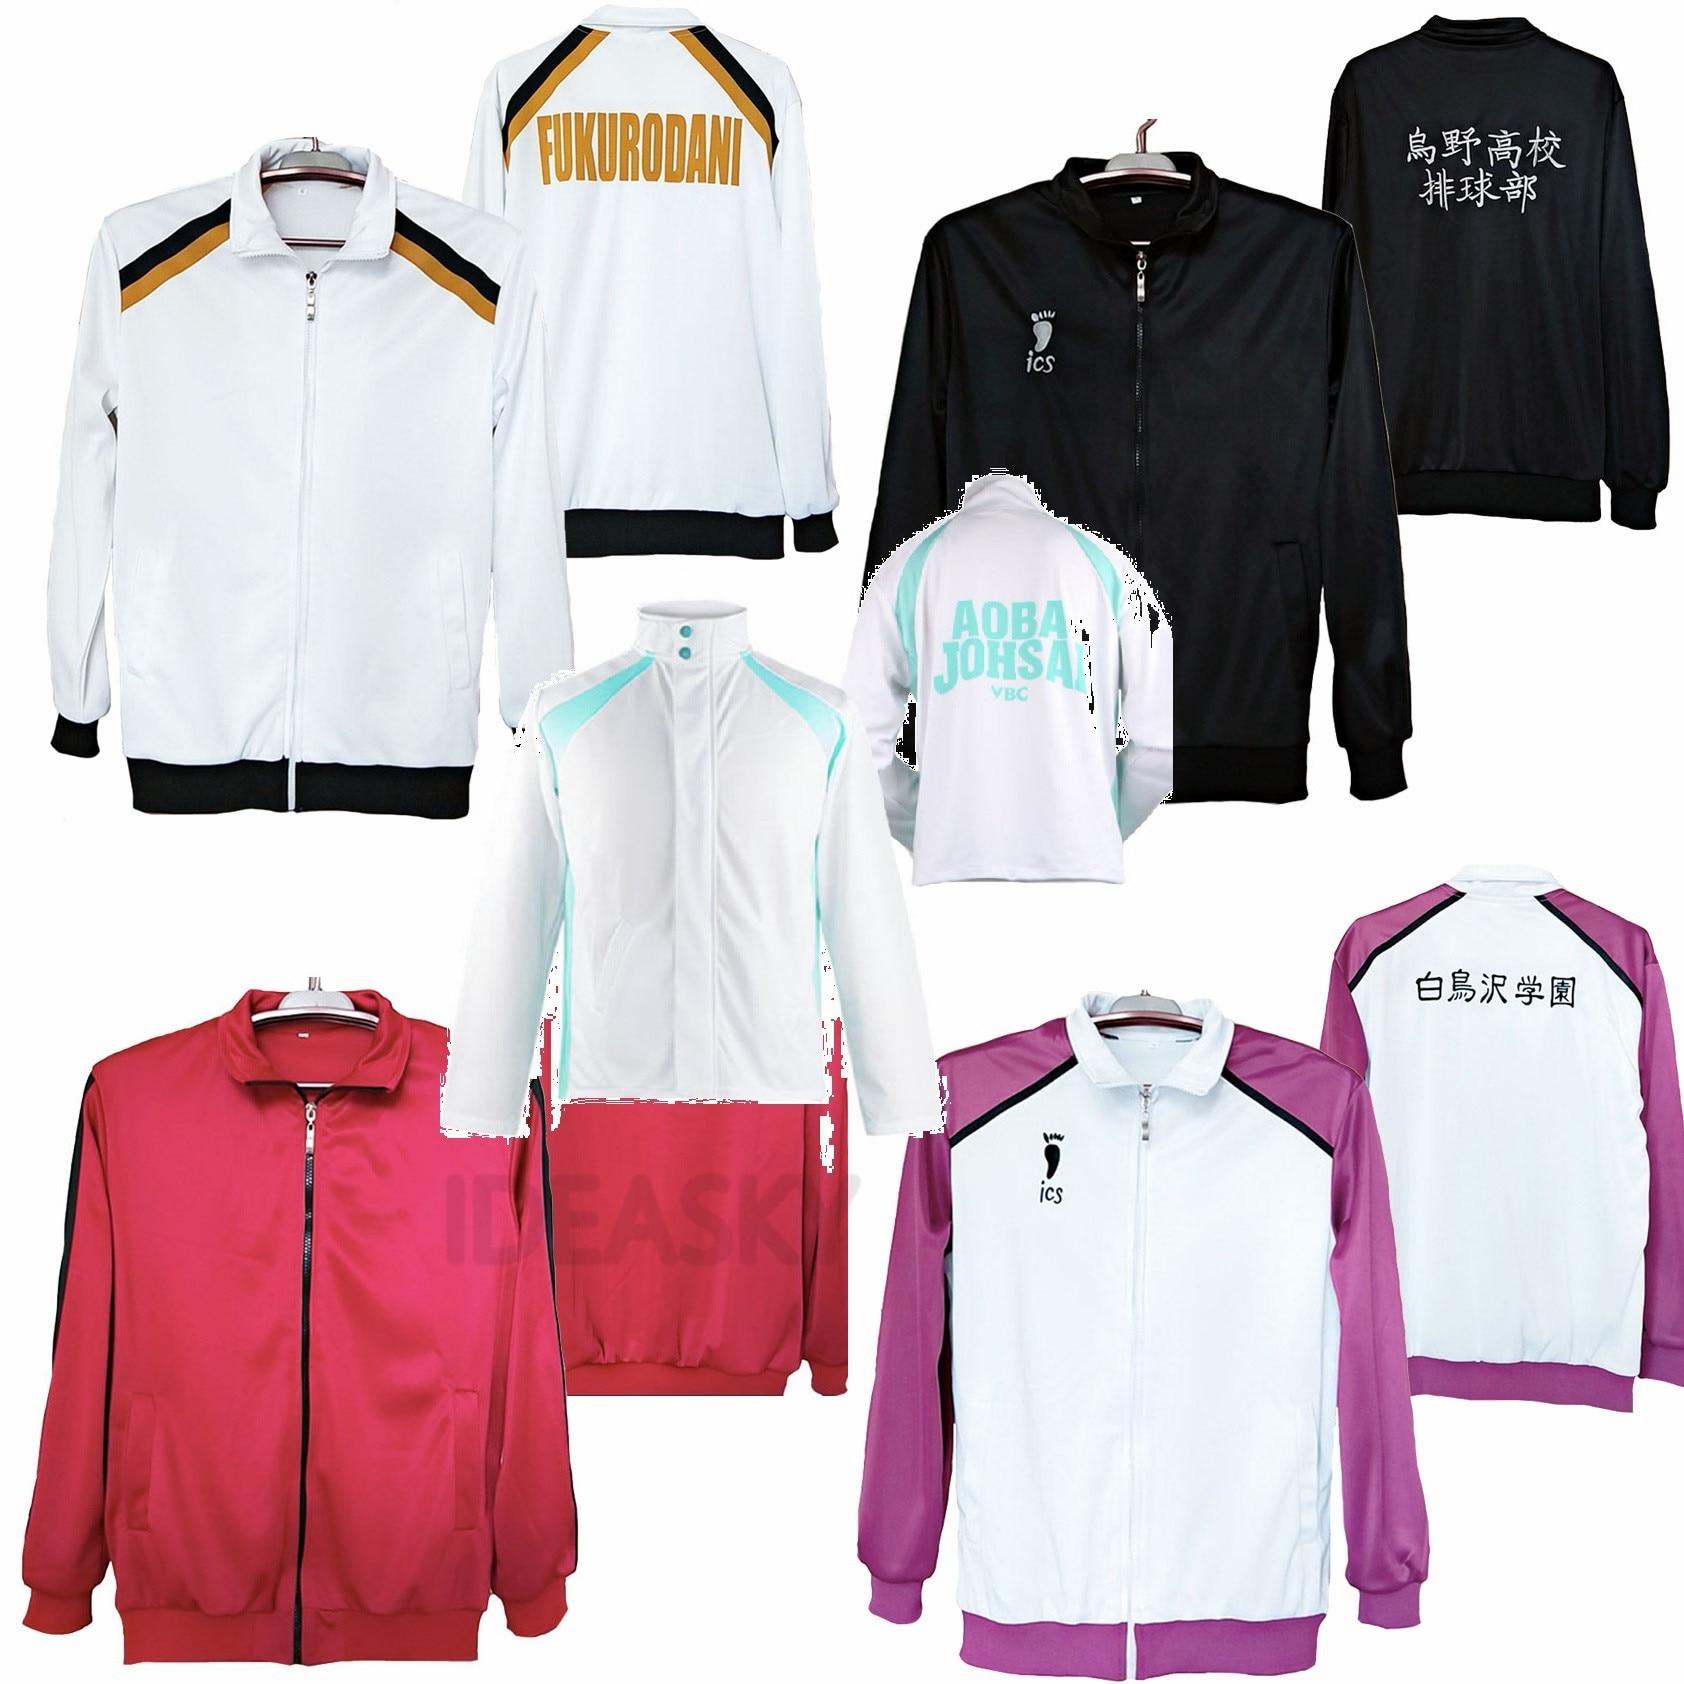 Куртка для косплея Haikyuu, спортивная одежда аниме-волейбол, костюм школьной формы Karasuno Nekoma Aoba Johsai Fukurodani Inarizaki